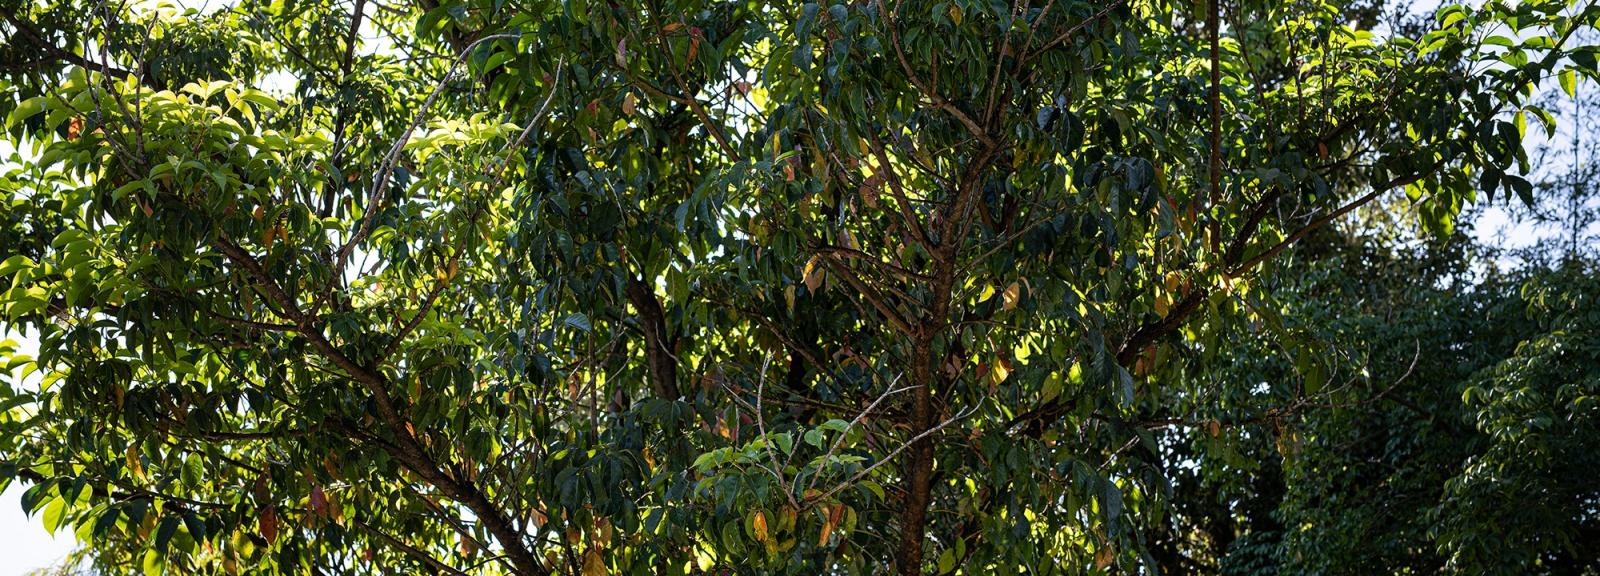 Cèdre de Java (Bischofia javanica) - Jardin botanique Val Rahmeh-Menton © MNHN - Agnès Iatzoura